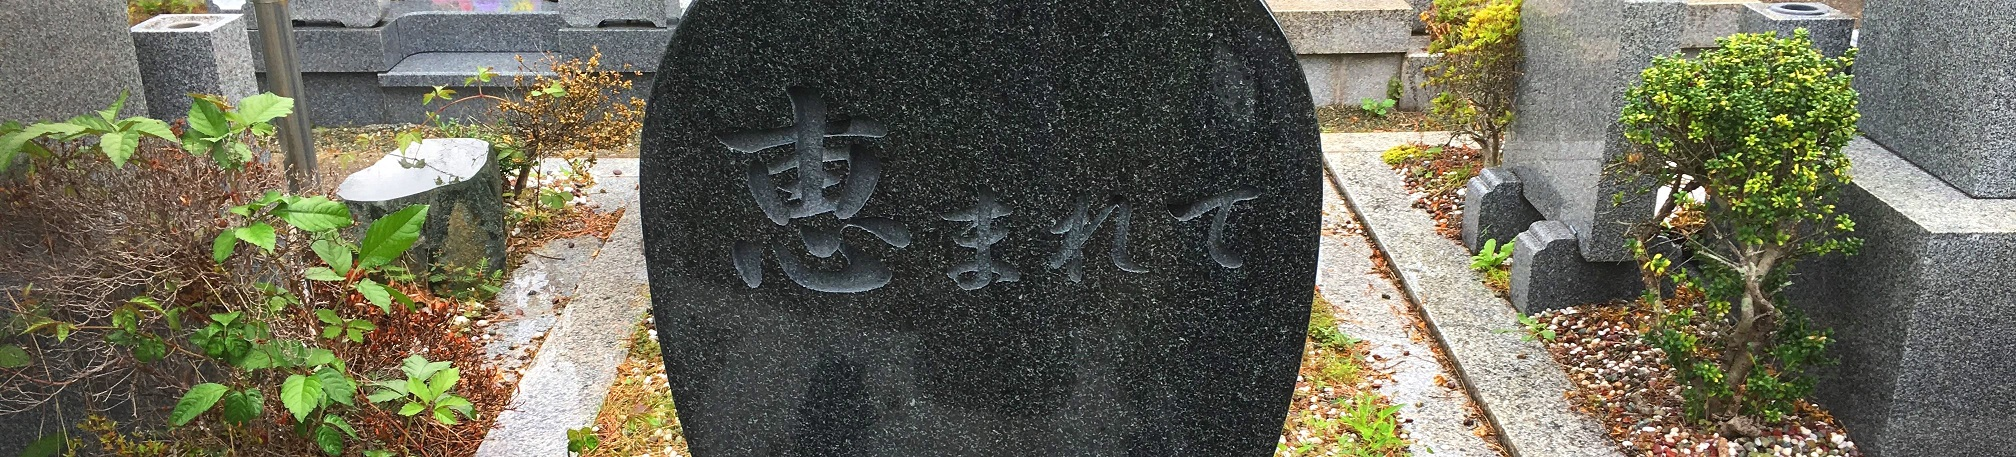 石碑の正面文字「恵まれて」